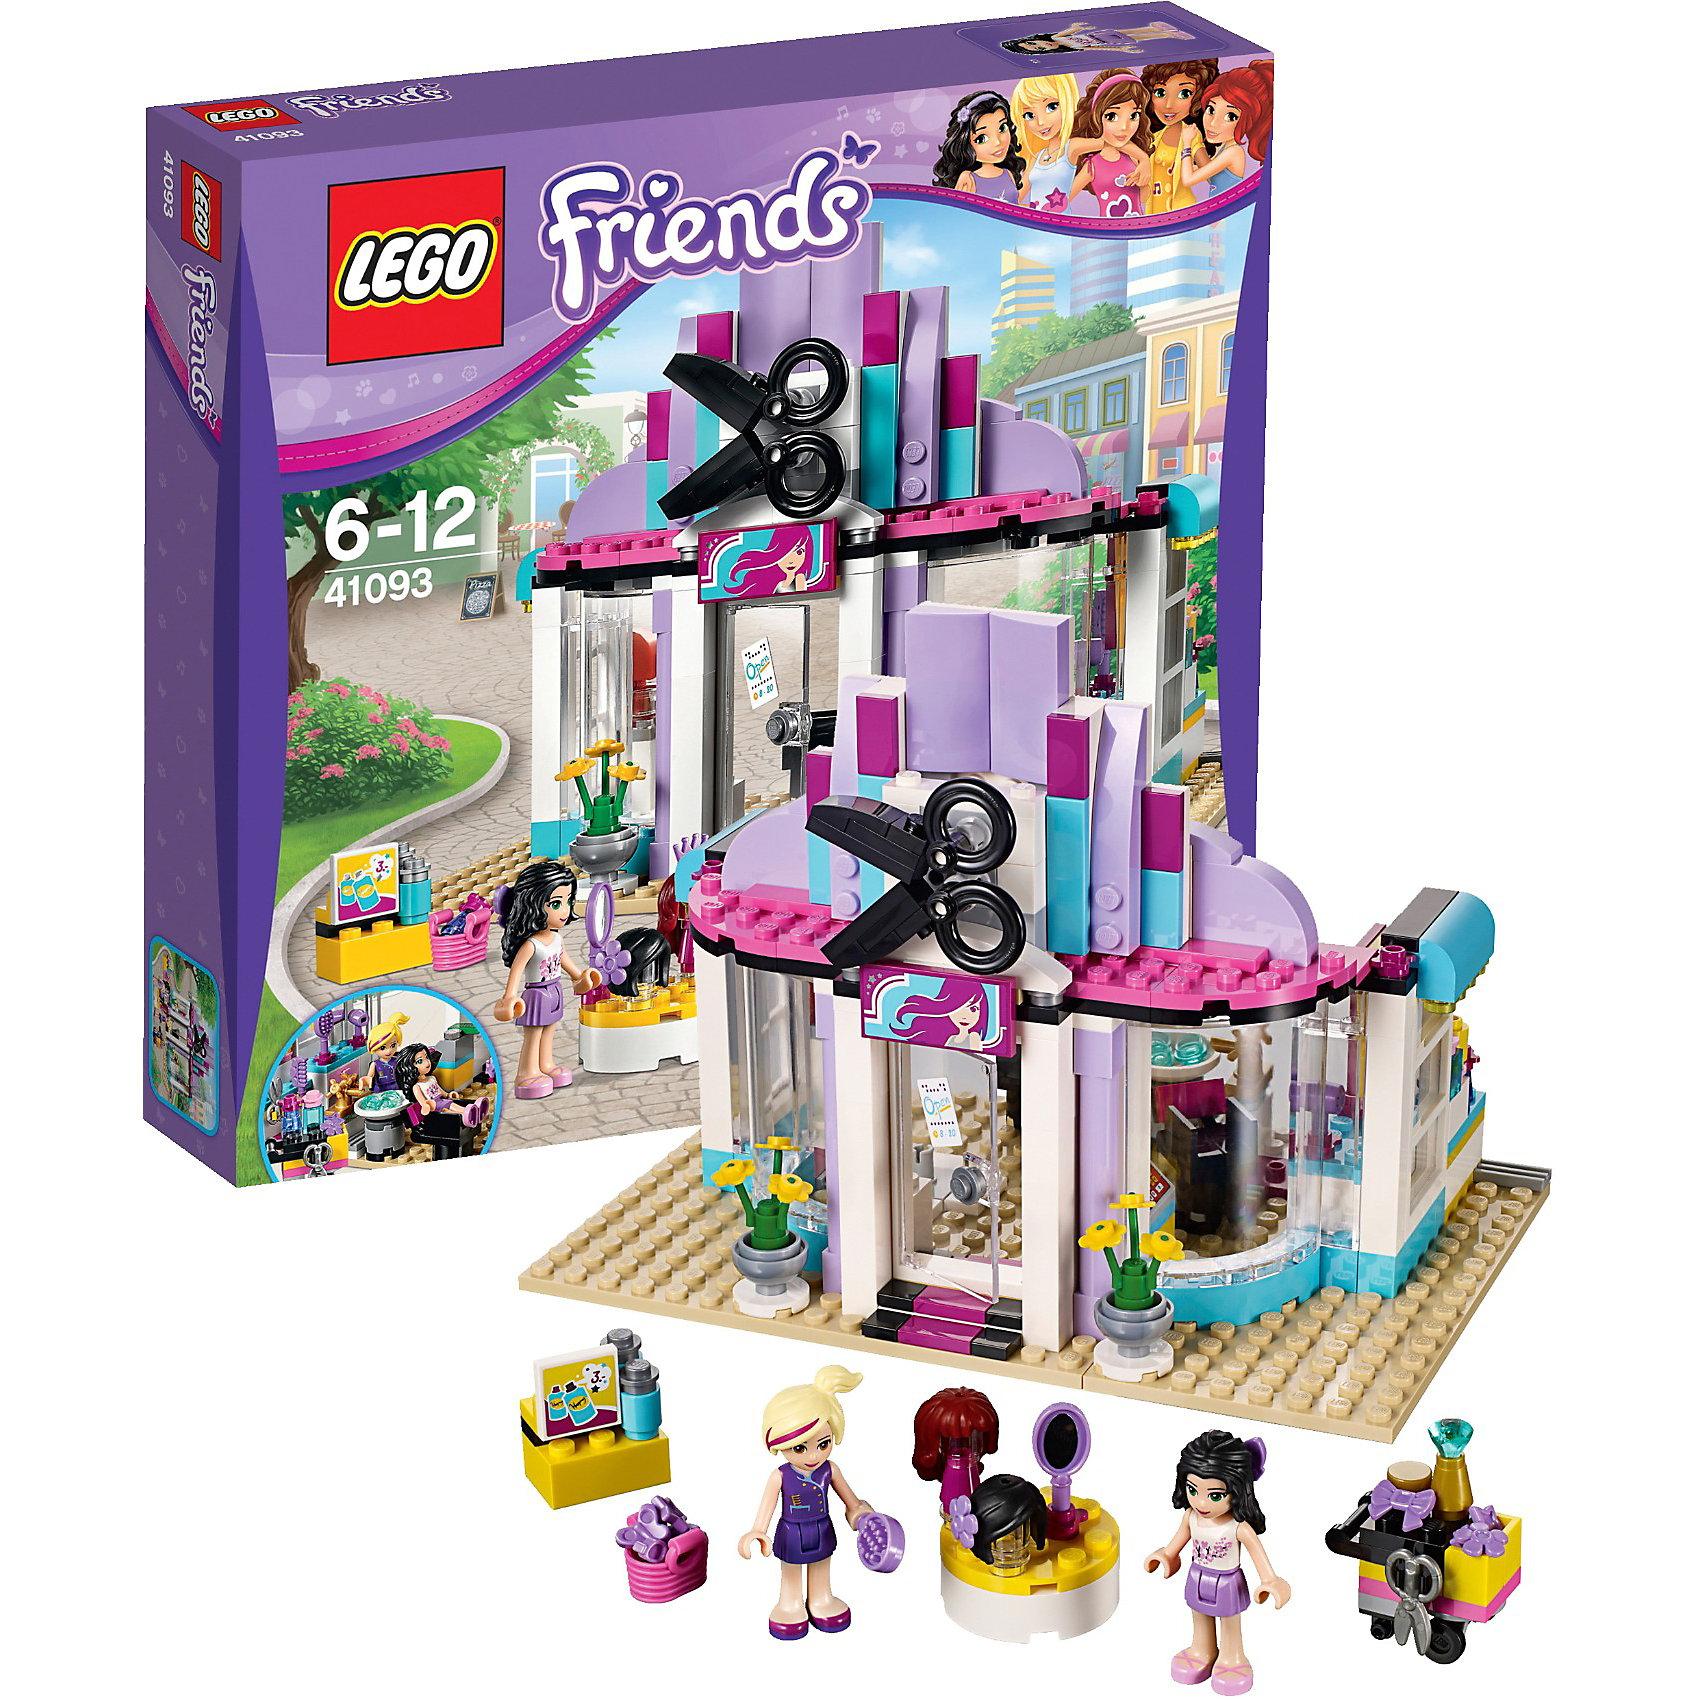 LEGO Friends 41093: ПарикмахерскаяНовая игрушка LEGO Friends (ЛЕГО Подружки) 41093: Парикмахерская откроет удивительный мир моды и стиля. Парикмахерская Хартлейк Сити представляет собой одноэтажное здание с большими прозрачными окнами. На крыше установлена яркая вывеска, а перед фасадом поставлены две вазы с цветами и стенд с рекламой. Фасад заведения можно украсить красочной вывеской и клумбами с садовыми цветами. Внутри парикмахерской есть все необходимое для чудесного преображения – стойка со средствами ухода и инструментами, удобное кресло, парики, расчески, раковина с водой, полки с шампунями и др. Профессиональный стилист Наташа готова предложить моднице Эмме оригинальные прически и даже изменить цвет волос. Какую прическу она хочет сегодня? Пока создается новый образ, Эмма может выпить кофе и почитать журнал. Наташа добавляет к прическе модный аксессуар, который подчеркнет оригинальность прически. В завершении поверни Эмму к зеркалу и покажи ей новый образ. Она довольна!<br><br>Конструирование – это полезное и увлекательное занятие, которое развивает моторику, речь и фантазию. Уникальная серия Lego Friends (Подружки) – это коллекция тематических наборов о крепкой дружбе 5 девочек. Каждый набор Лего серии Подружки – это сюжеты, близкие и понятные девчонкам: новые платья, интерьер дома, питомцы, прогулки на автомобиле и многое другое. При желании игру можно разнообразить героями и аксессуарами  из разных конструкторов коллекции Лего Подружки. Все наборы ЛЕГО Подружки соответствуют самым высоким европейским стандартам качества и абсолютно безопасны.<br><br>Дополнительная информация:<br>-Размеры упаковки: 28х26х6 см<br>-Вес: 0,52 кг<br>-Состав: 318 деталей, 2 мини-фигурки (стилист Наташа и посетительница Эмма), аксессуары, инструкция<br>-Размер парикмахерской: 14 х 18 х 13 см<br>-Материал: пластик<br>-Весь набор упакован в фирменную картонную коробку ЛЕГО<br><br>LEGO Friends (ЛЕГО Подружки) 41093: Парикмахерская можно купить в нашем магазине.<br><br>Ширина мм: 27